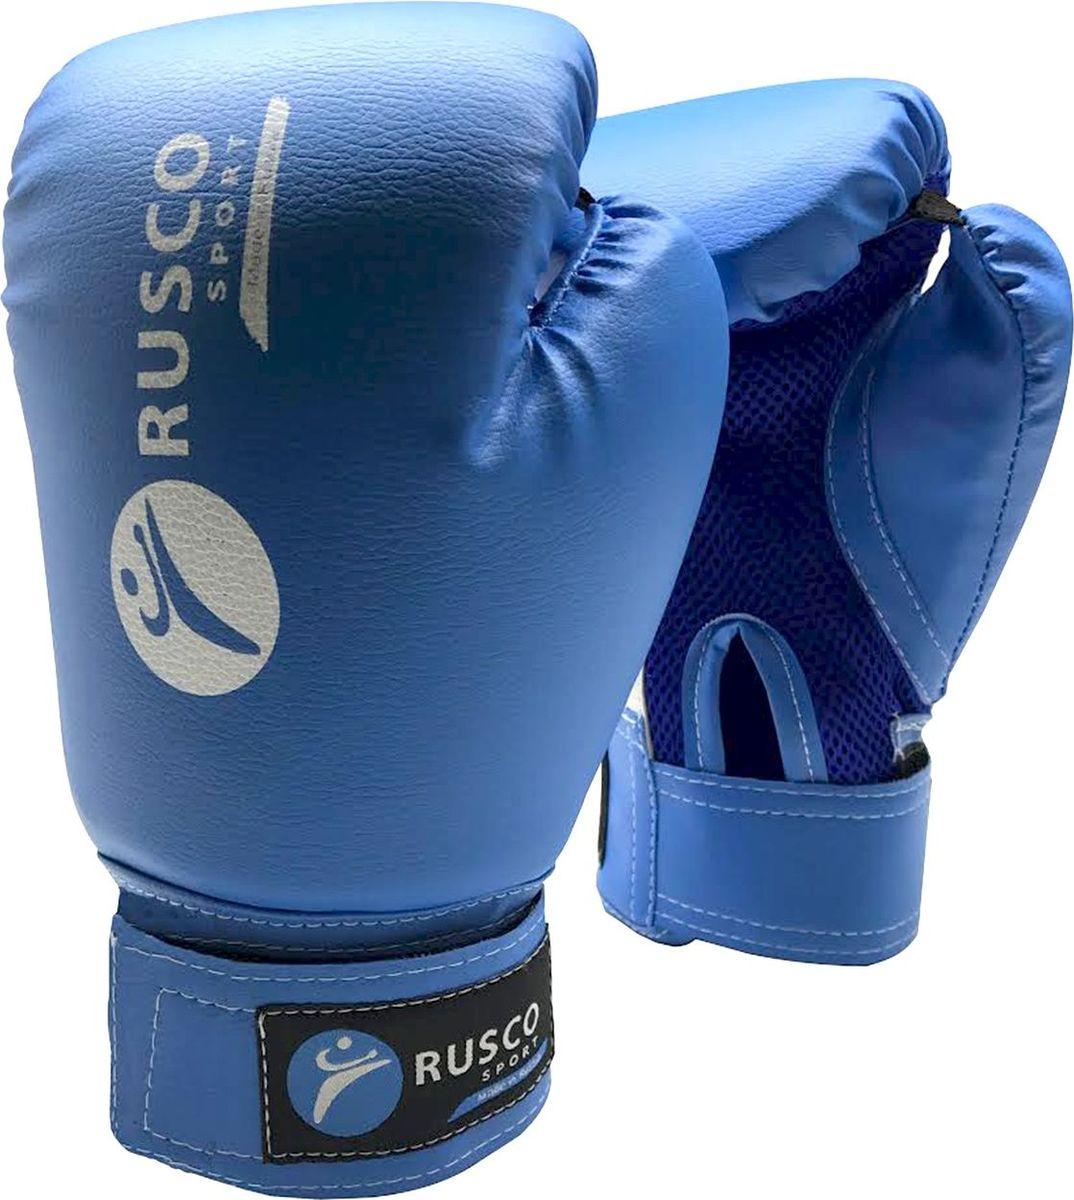 Перчатки боксерские Rusco, цвет: синий, 10 ozУТ-00009847Перчатки боксерские, 10oz, к/з - это боксерские перчатки синего цвета, которые широко используются начинающими спортсменами и юниорами на тренировках. Перчатки имеют мягкую набивку, специально разработанная удобная форма позволяет избежать травм во время тренировок и профессионально подготовиться к бою. Превосходно облегают кисть, следуя всем анатомическим изгибам ладони и запястья.